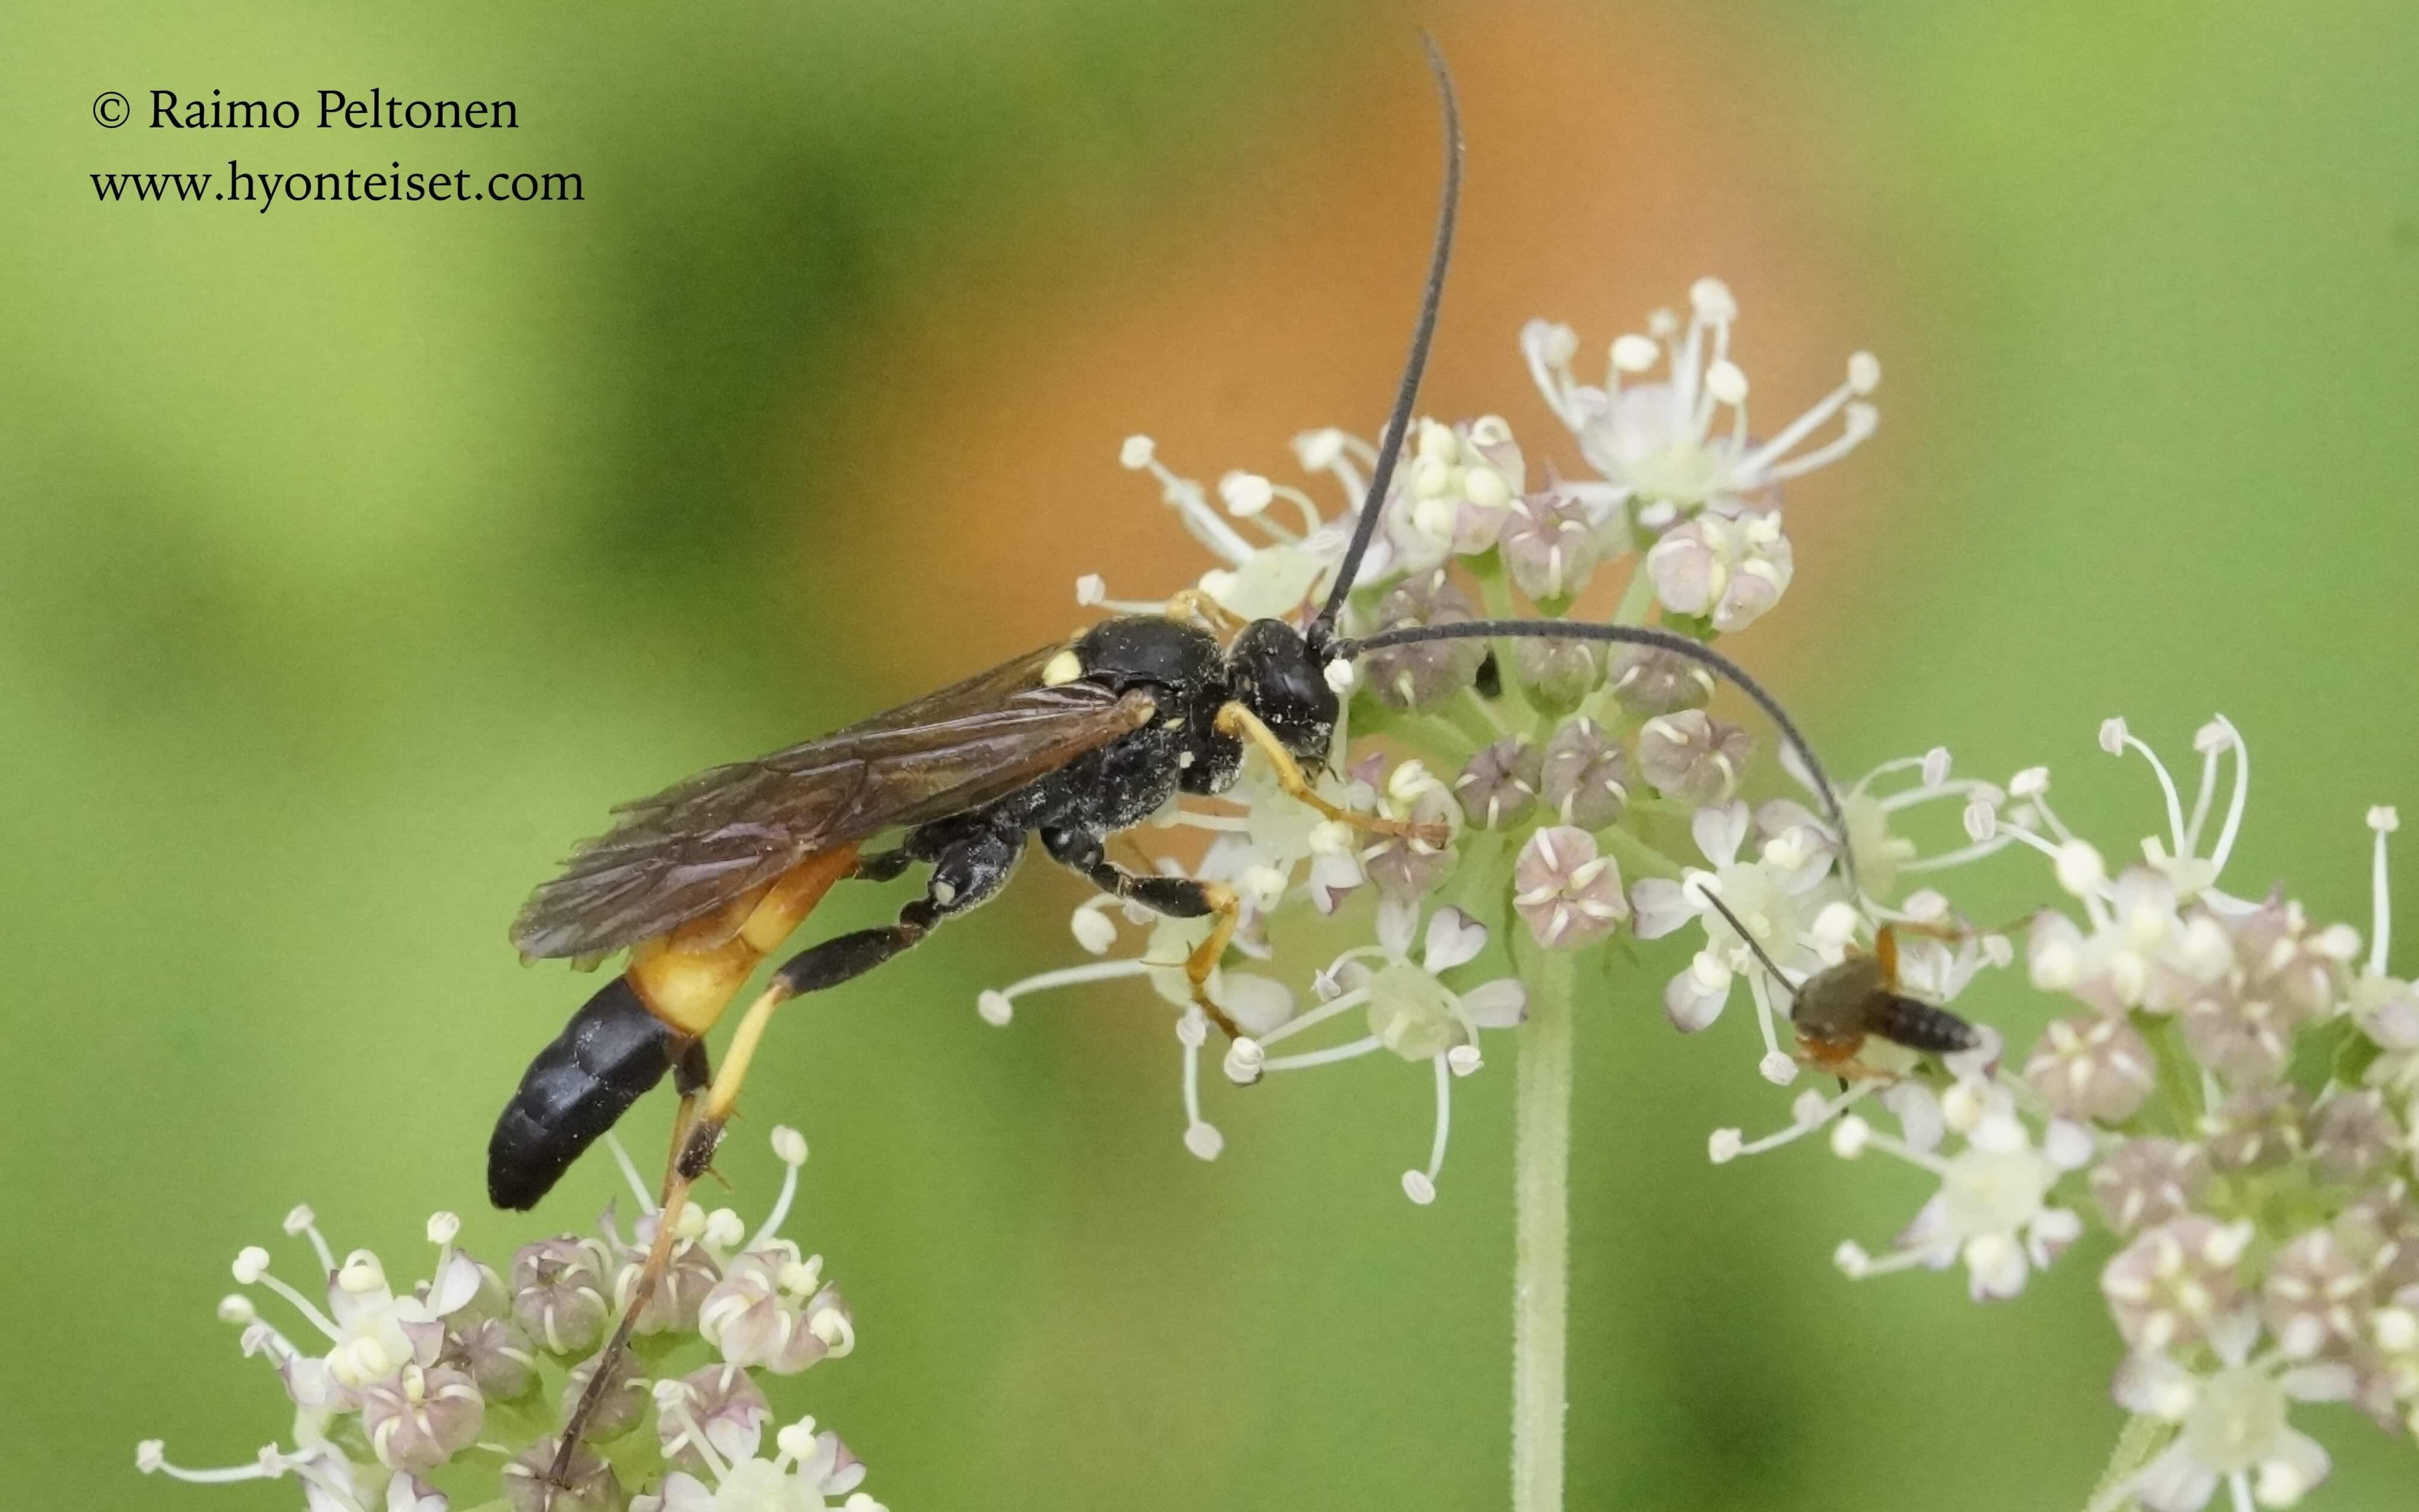 Ichneumoninae sp. (det. Gergely Varkonyi), 6.9.2016 Jyväskylä